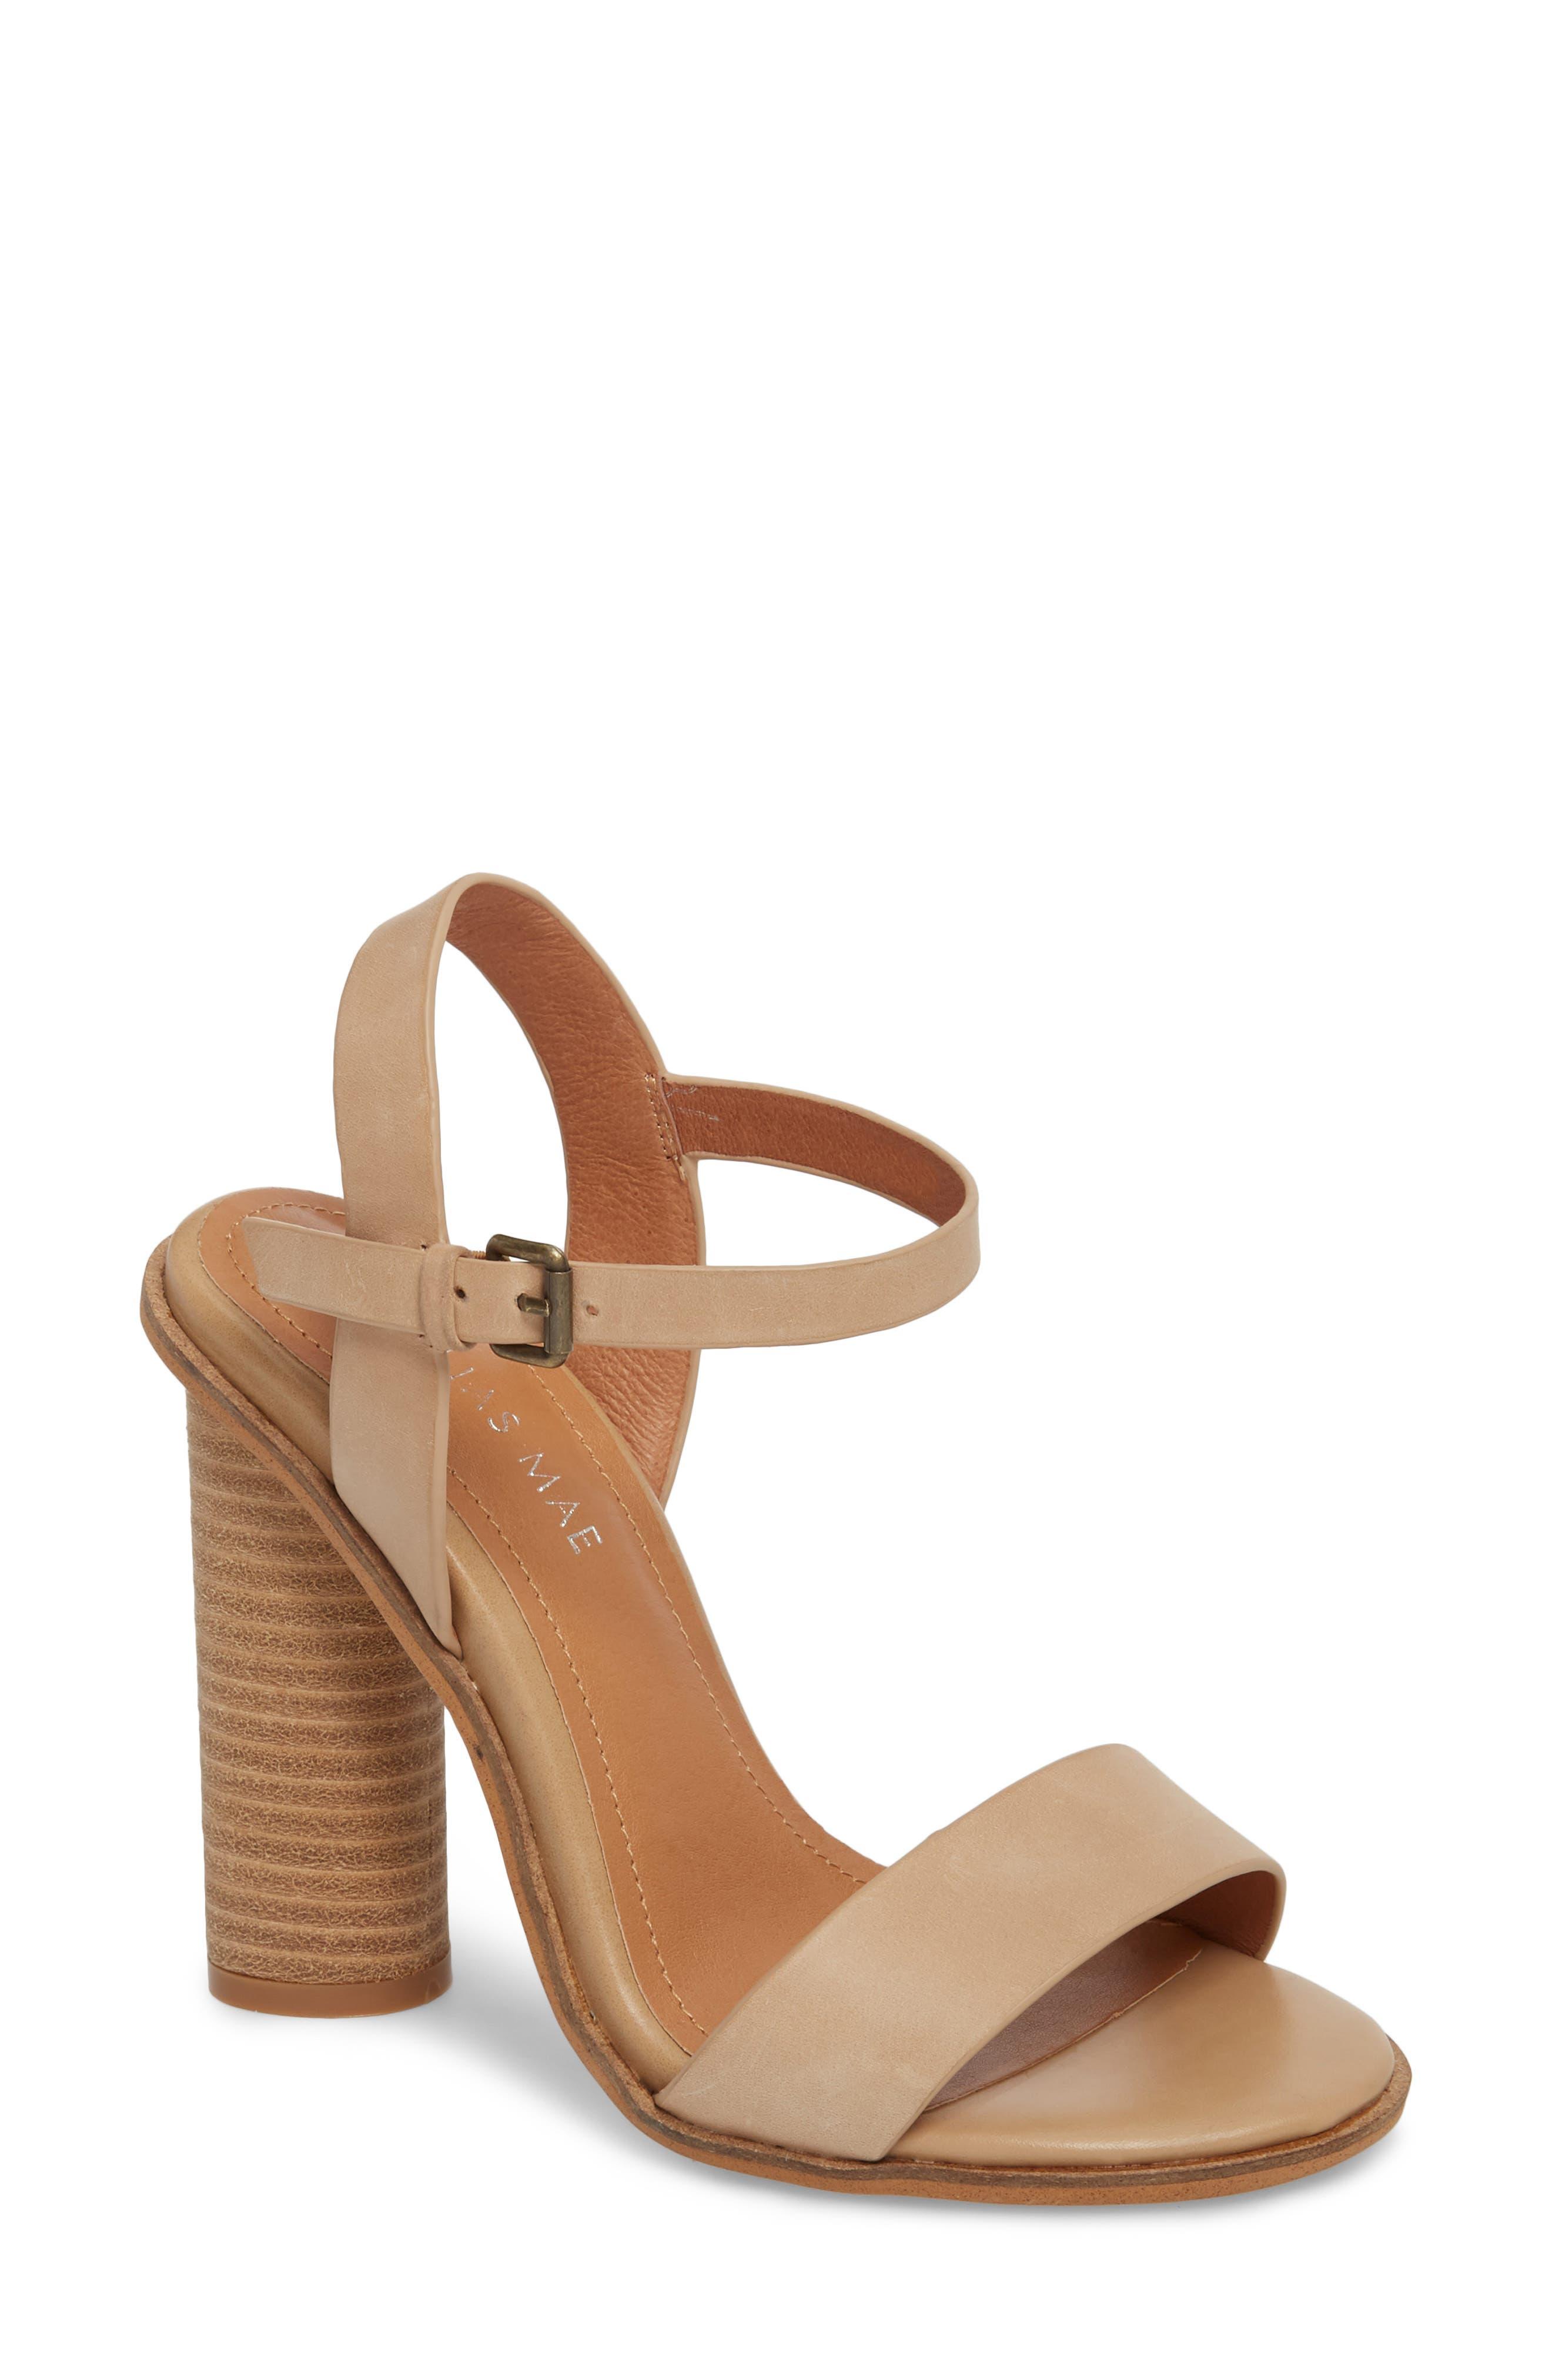 Abagail Sandal,                         Main,                         color,